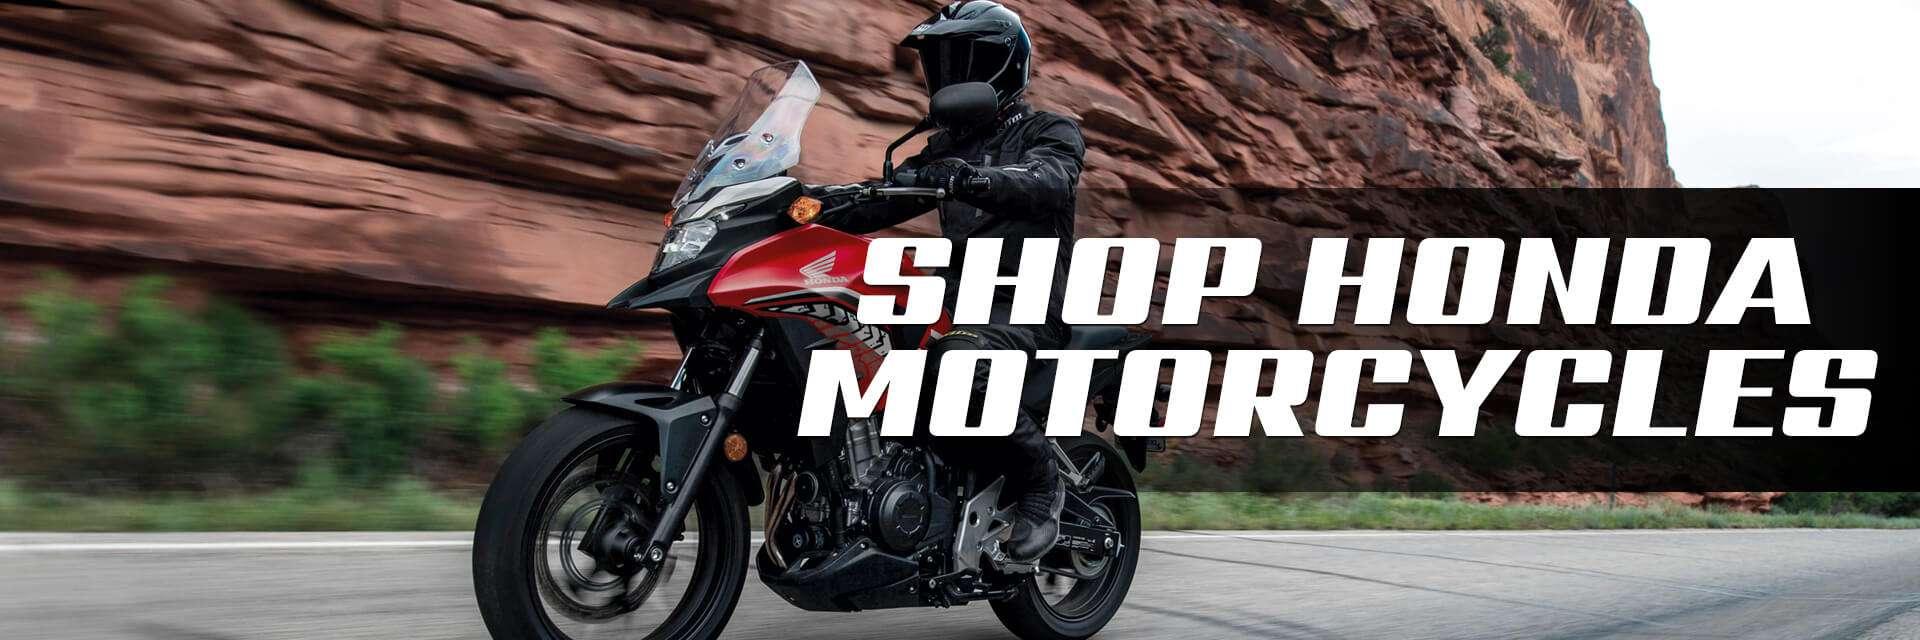 Shop Honda Motorcycles at Beckley Honda